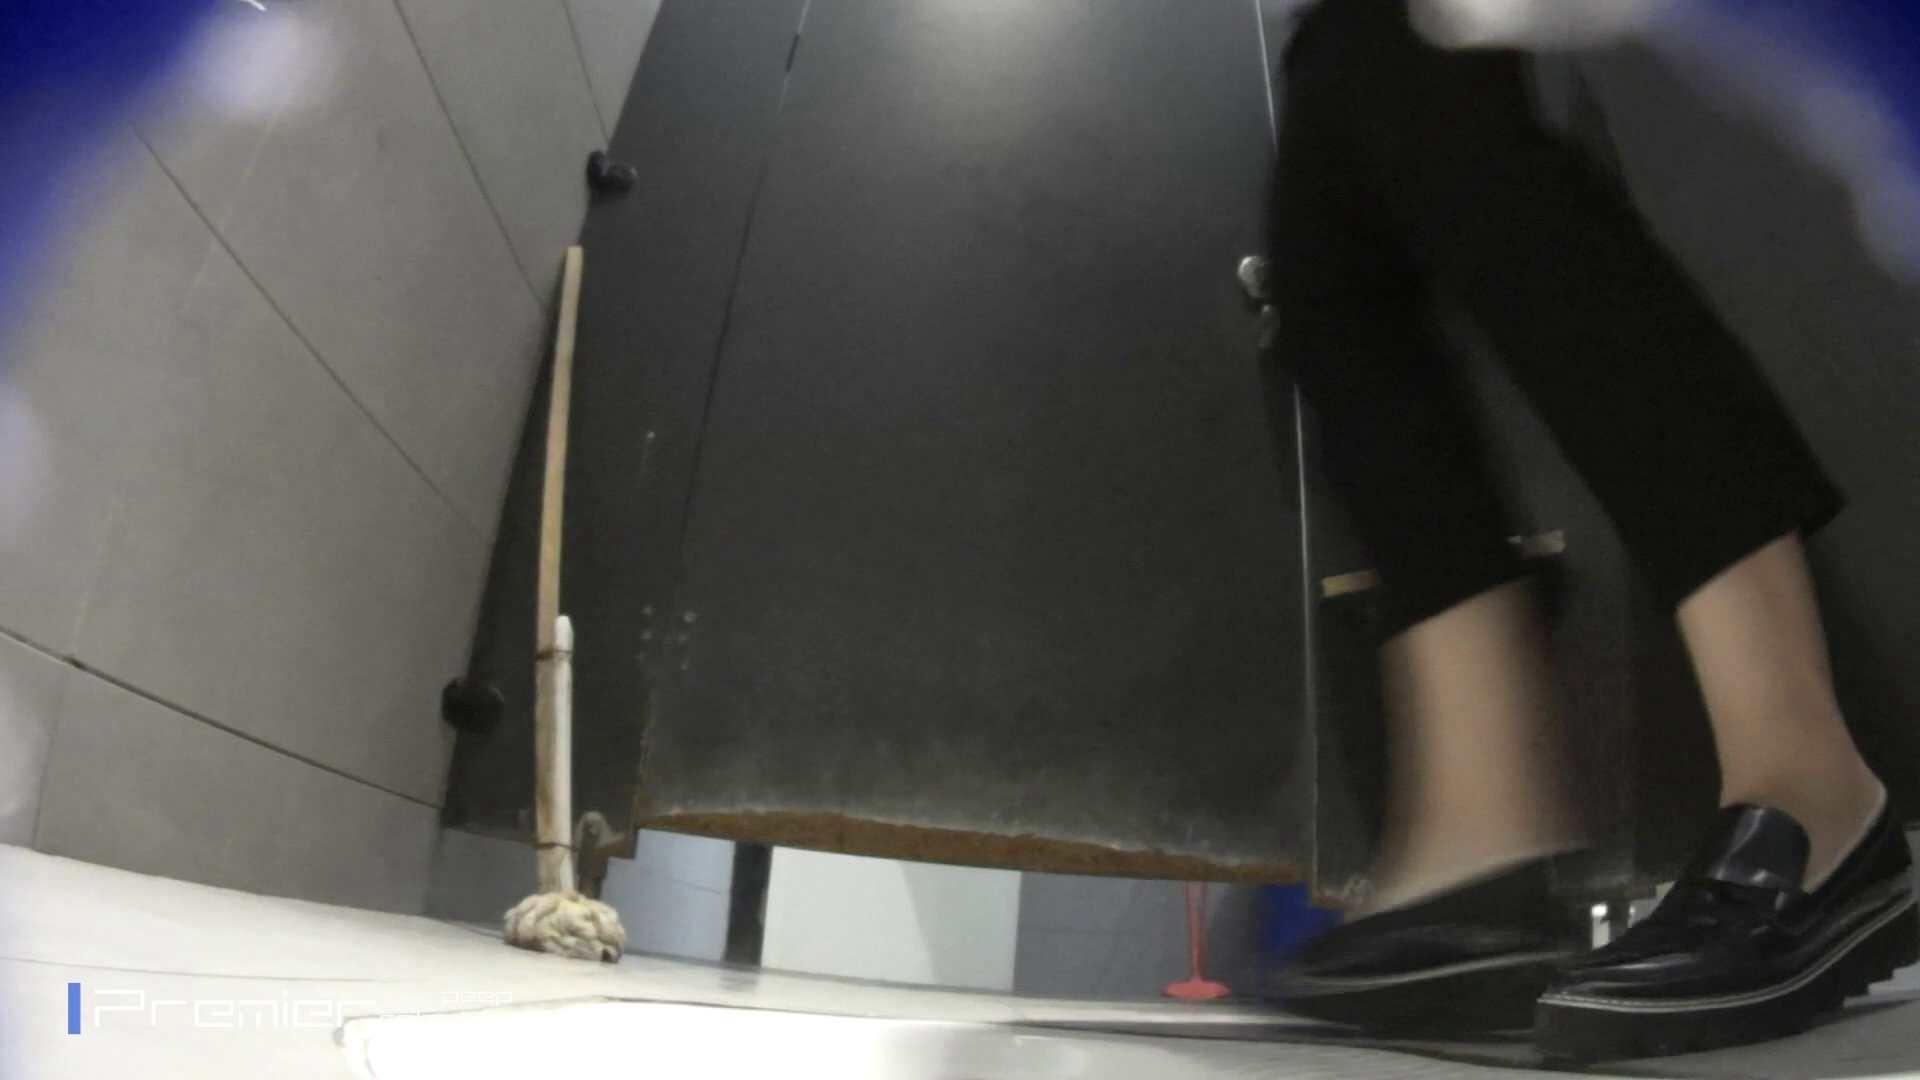 トイレットペーパーを握りしめ個室に入る乙女 大学休憩時間の洗面所事情83 洗面所 のぞきおめこ無修正画像 99pic 24